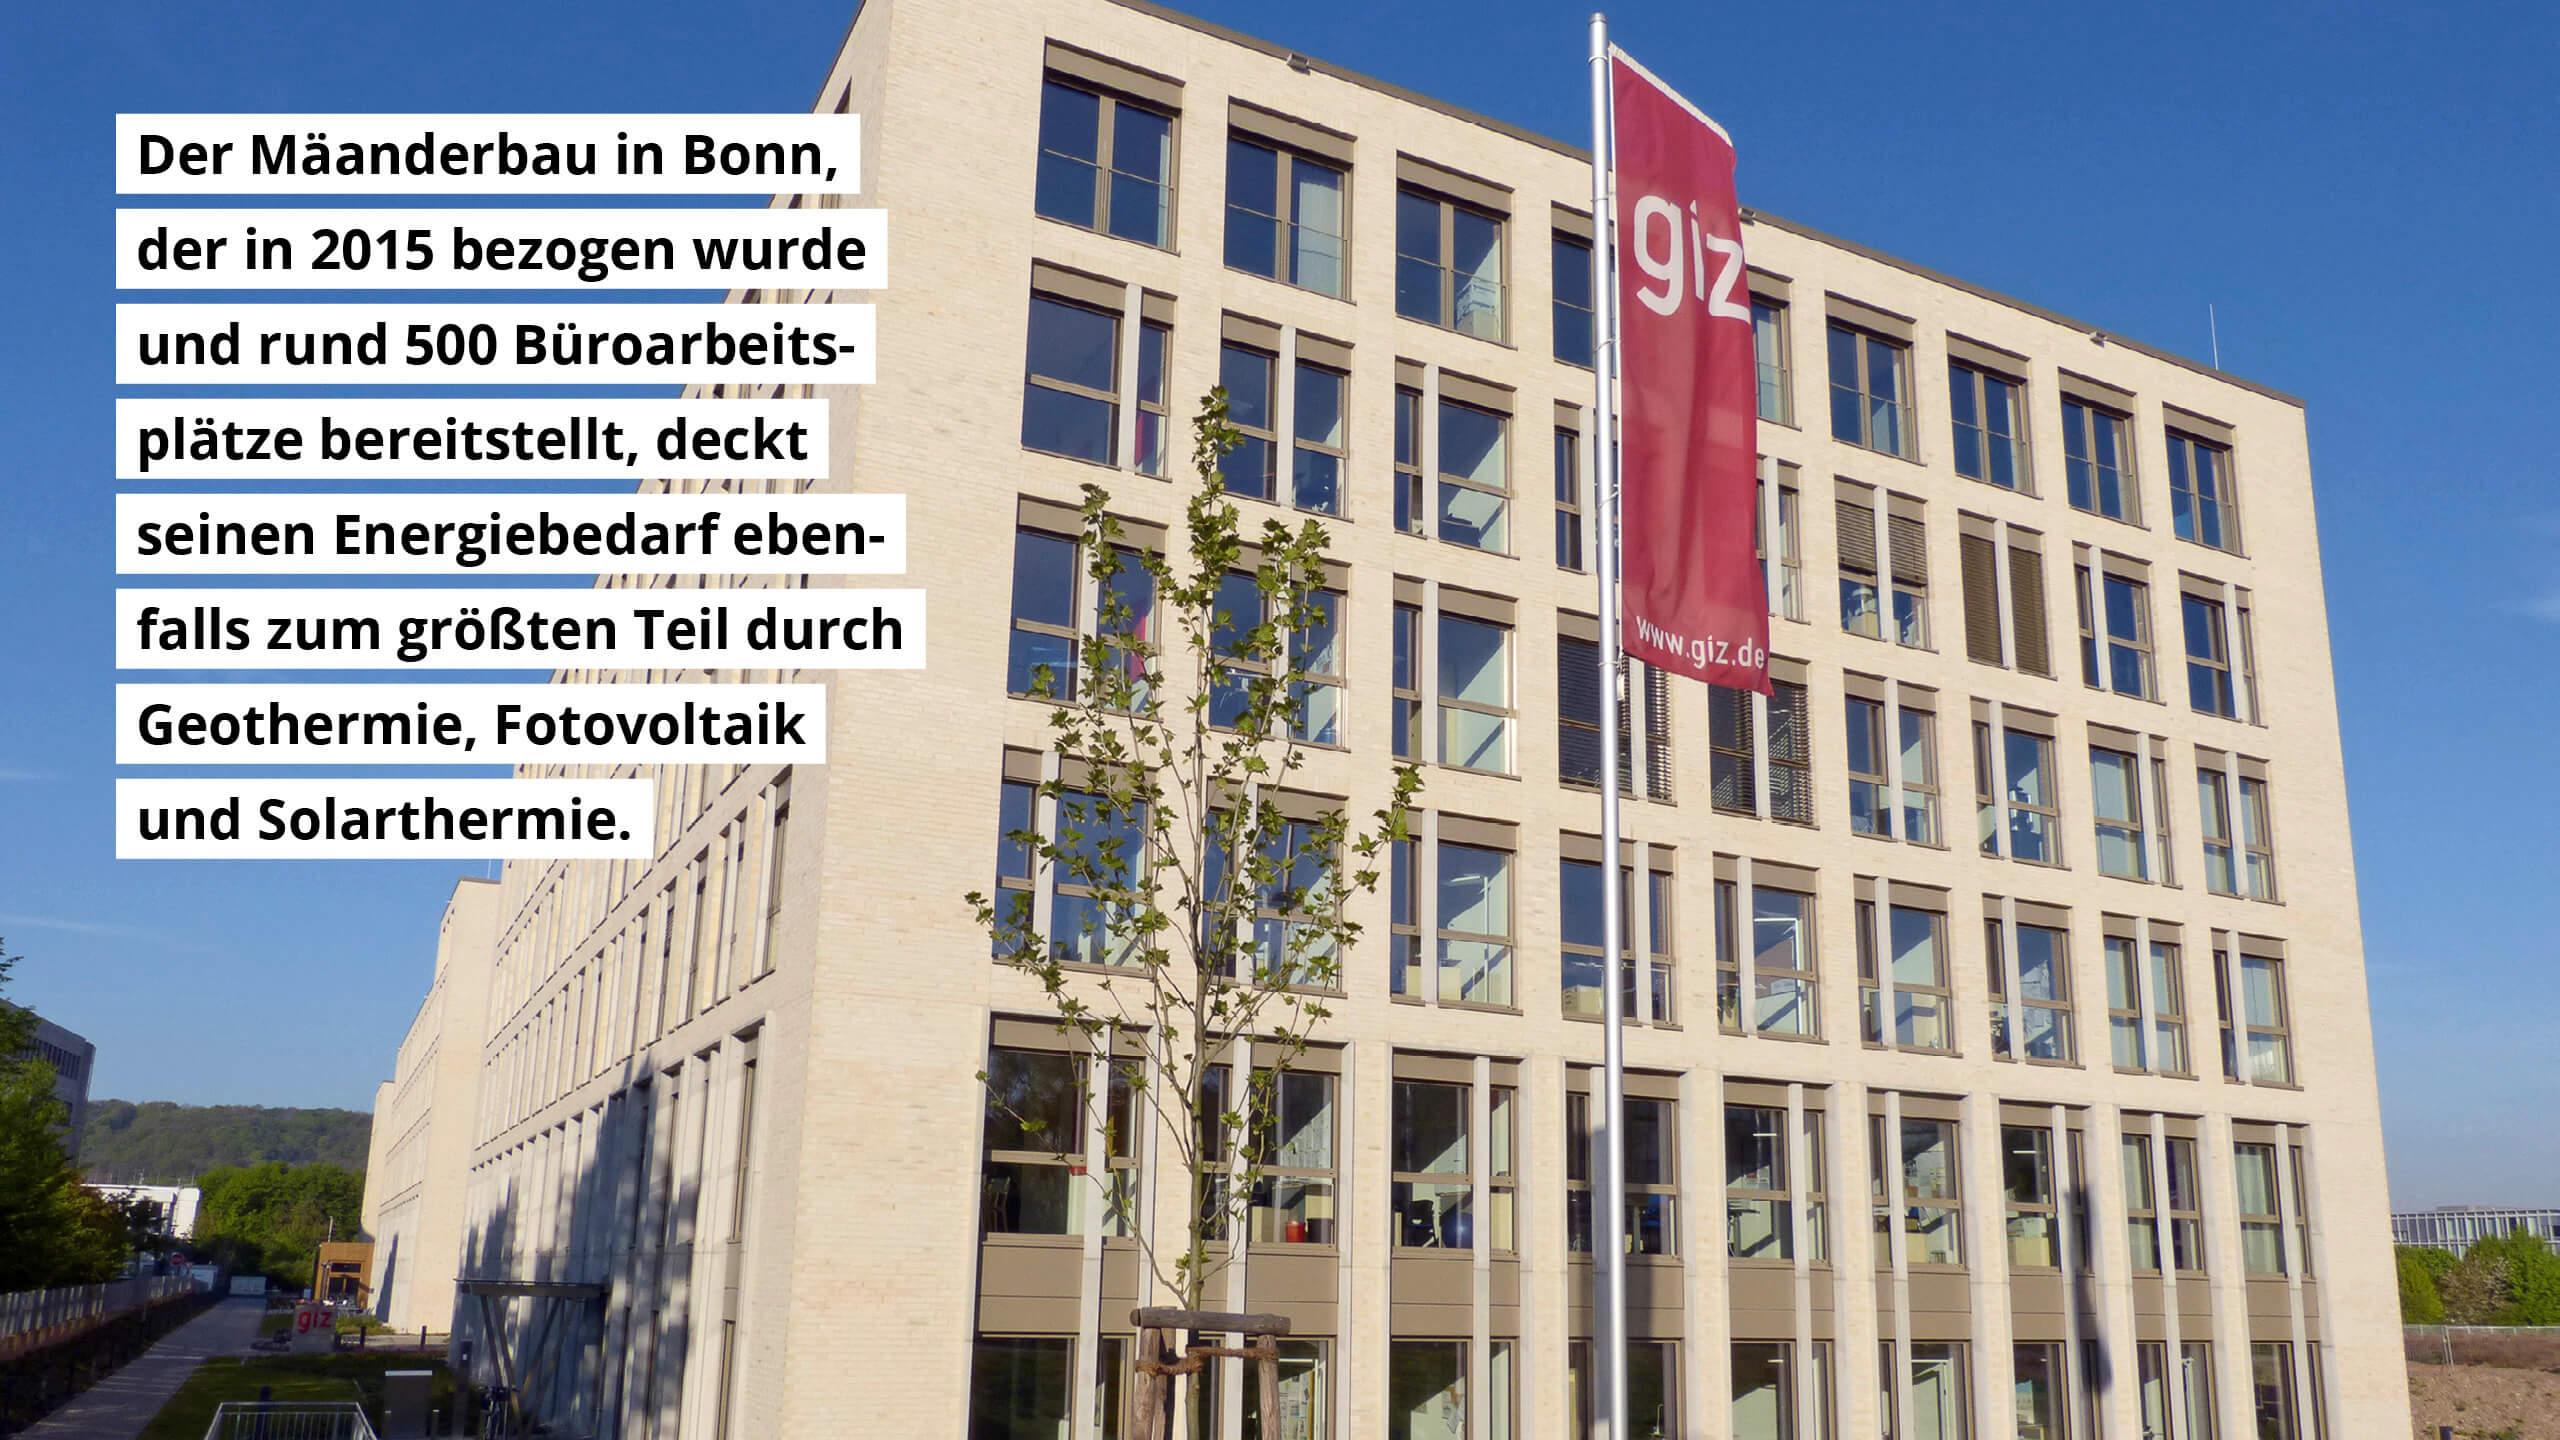 Der Mäanderbau in Bonn deckt seinen Energiebedarf ebenfalls größtenteils mit Geothermie, Fotovoltaik und Solarthermie.